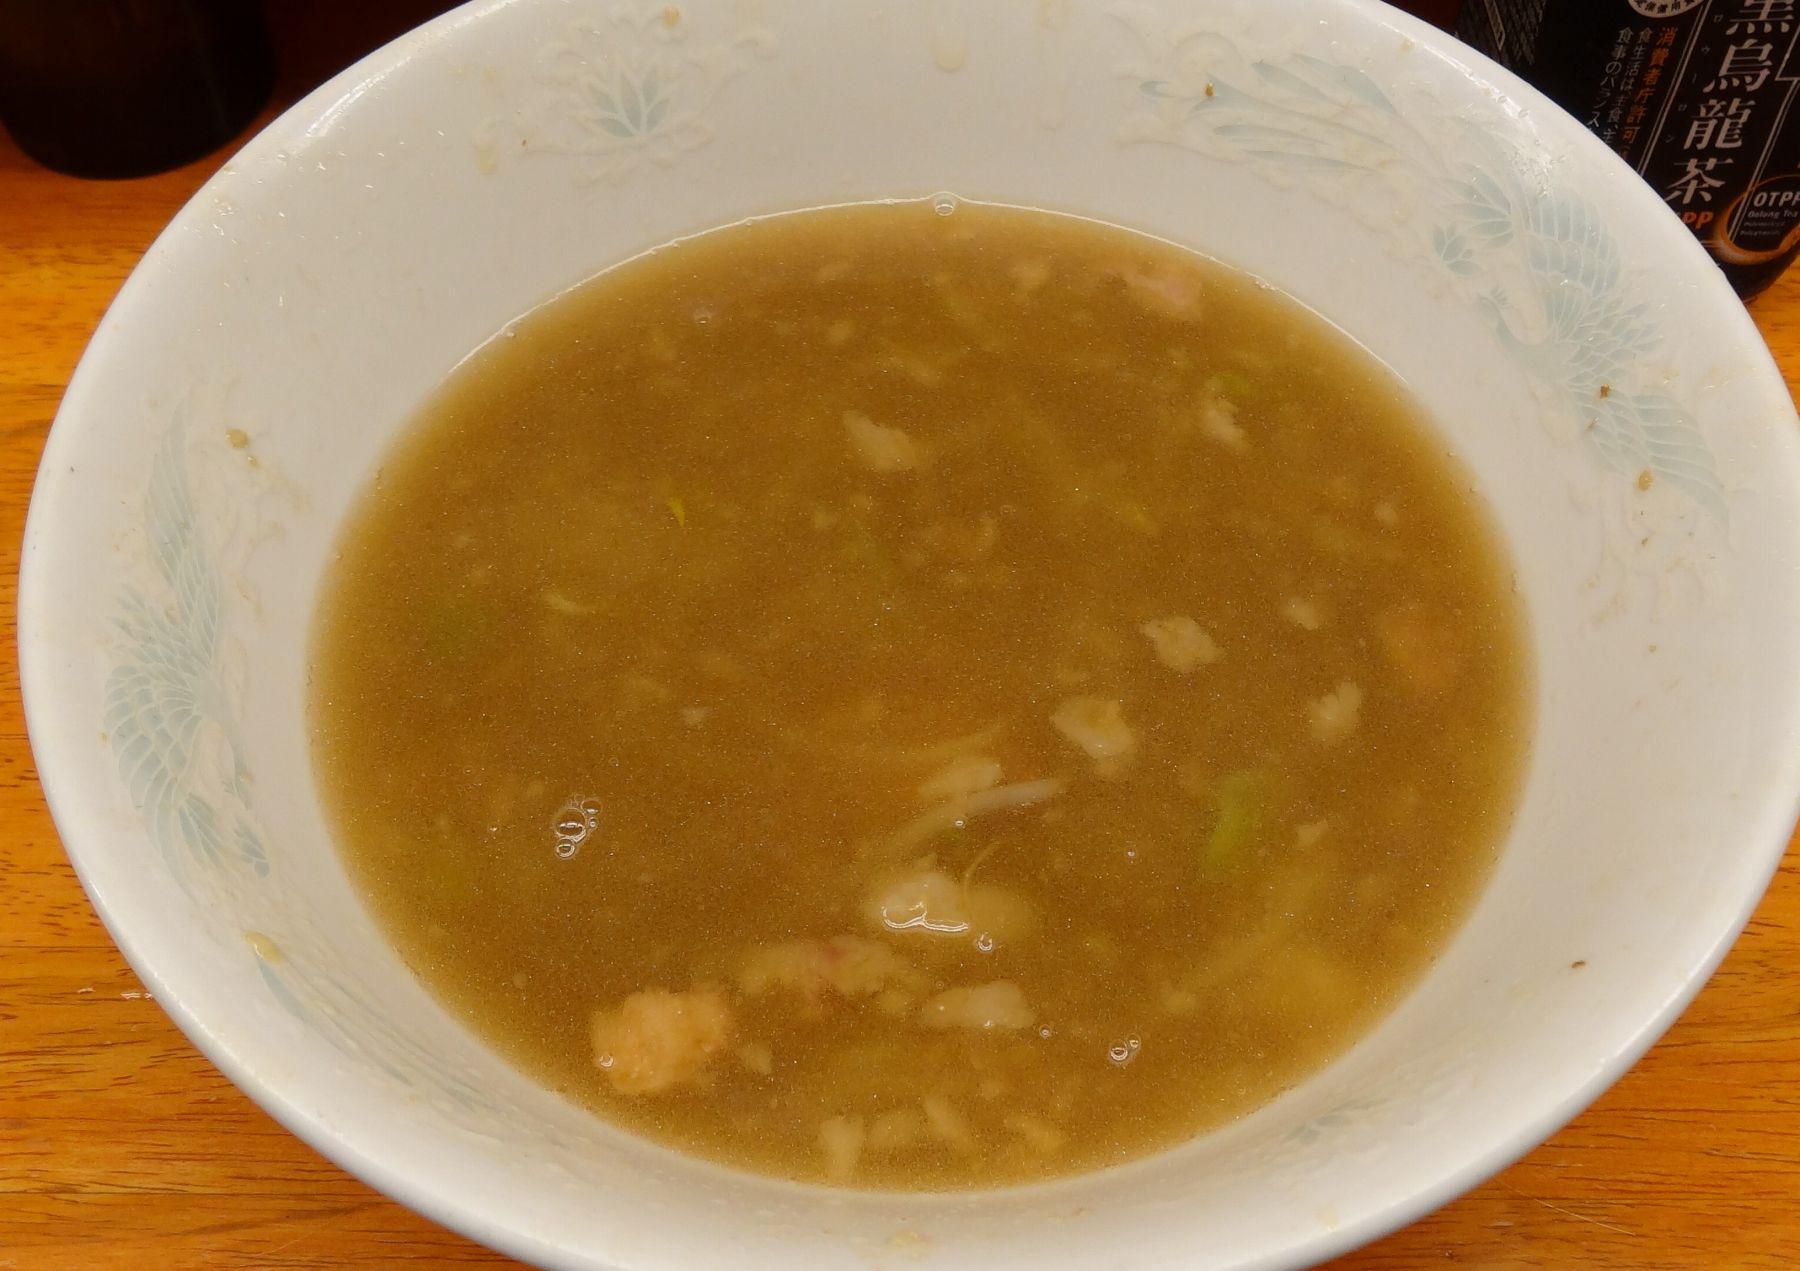 20121117011tachikawa.jpg